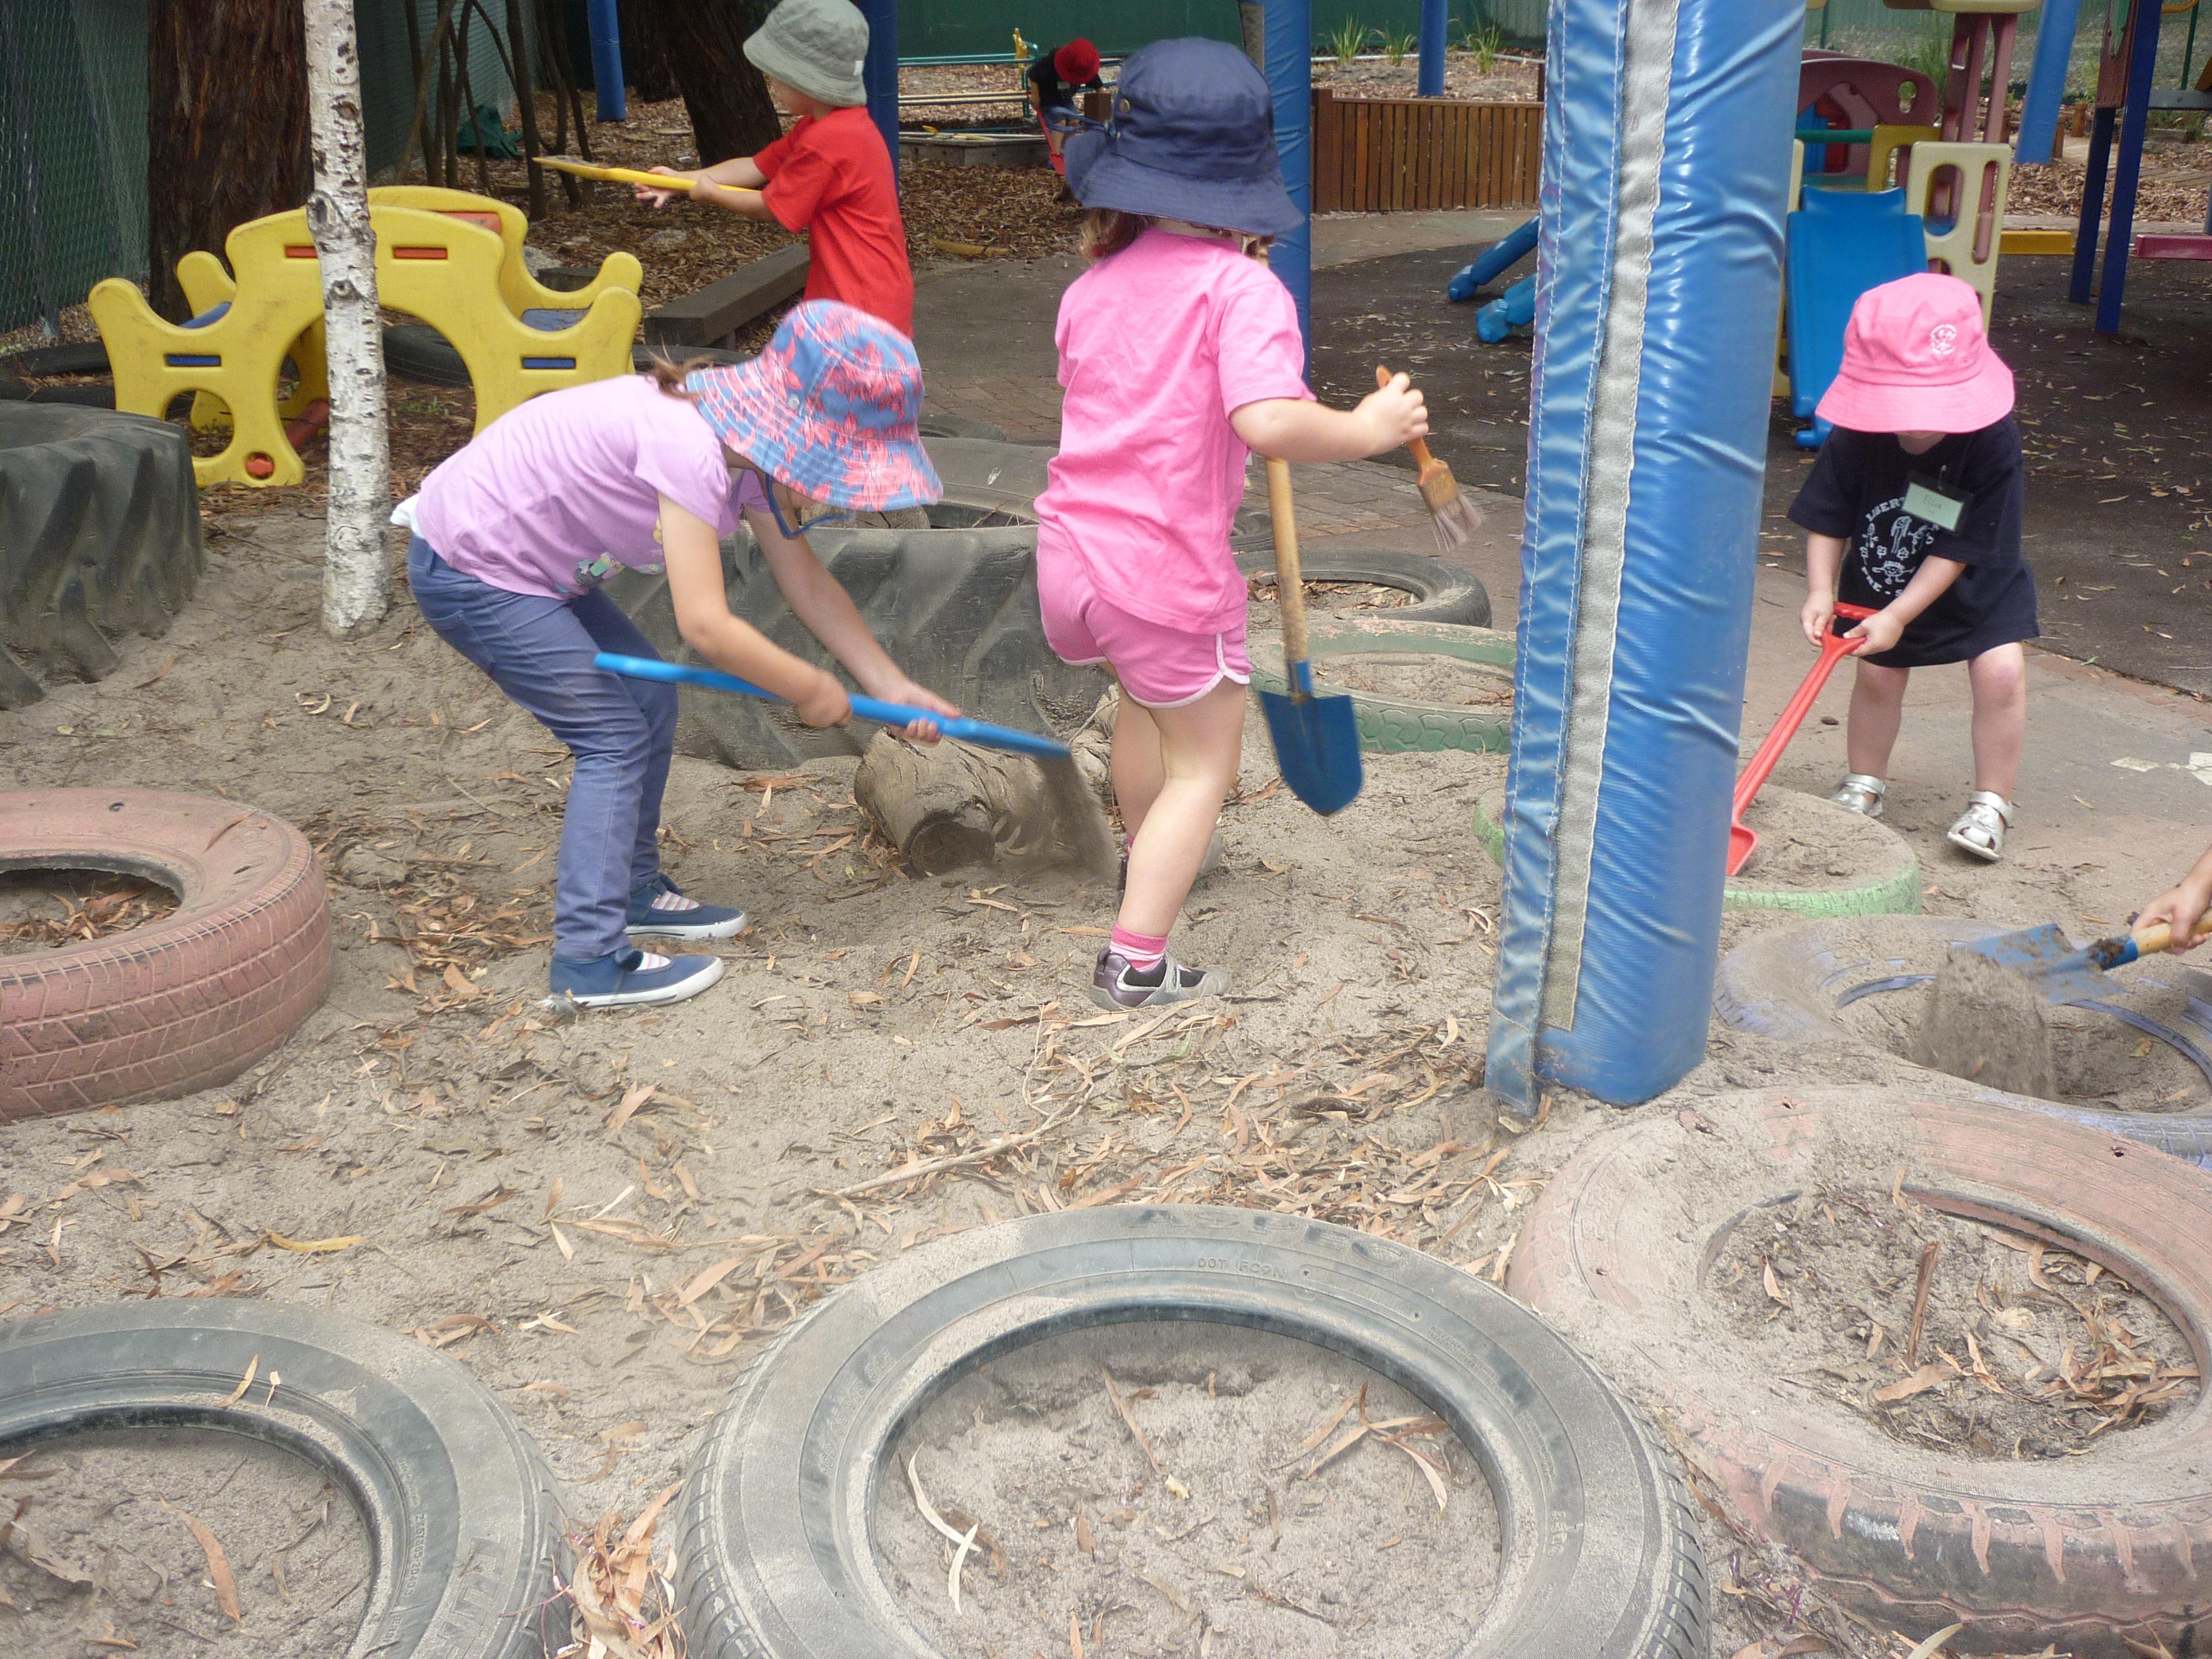 Digging together